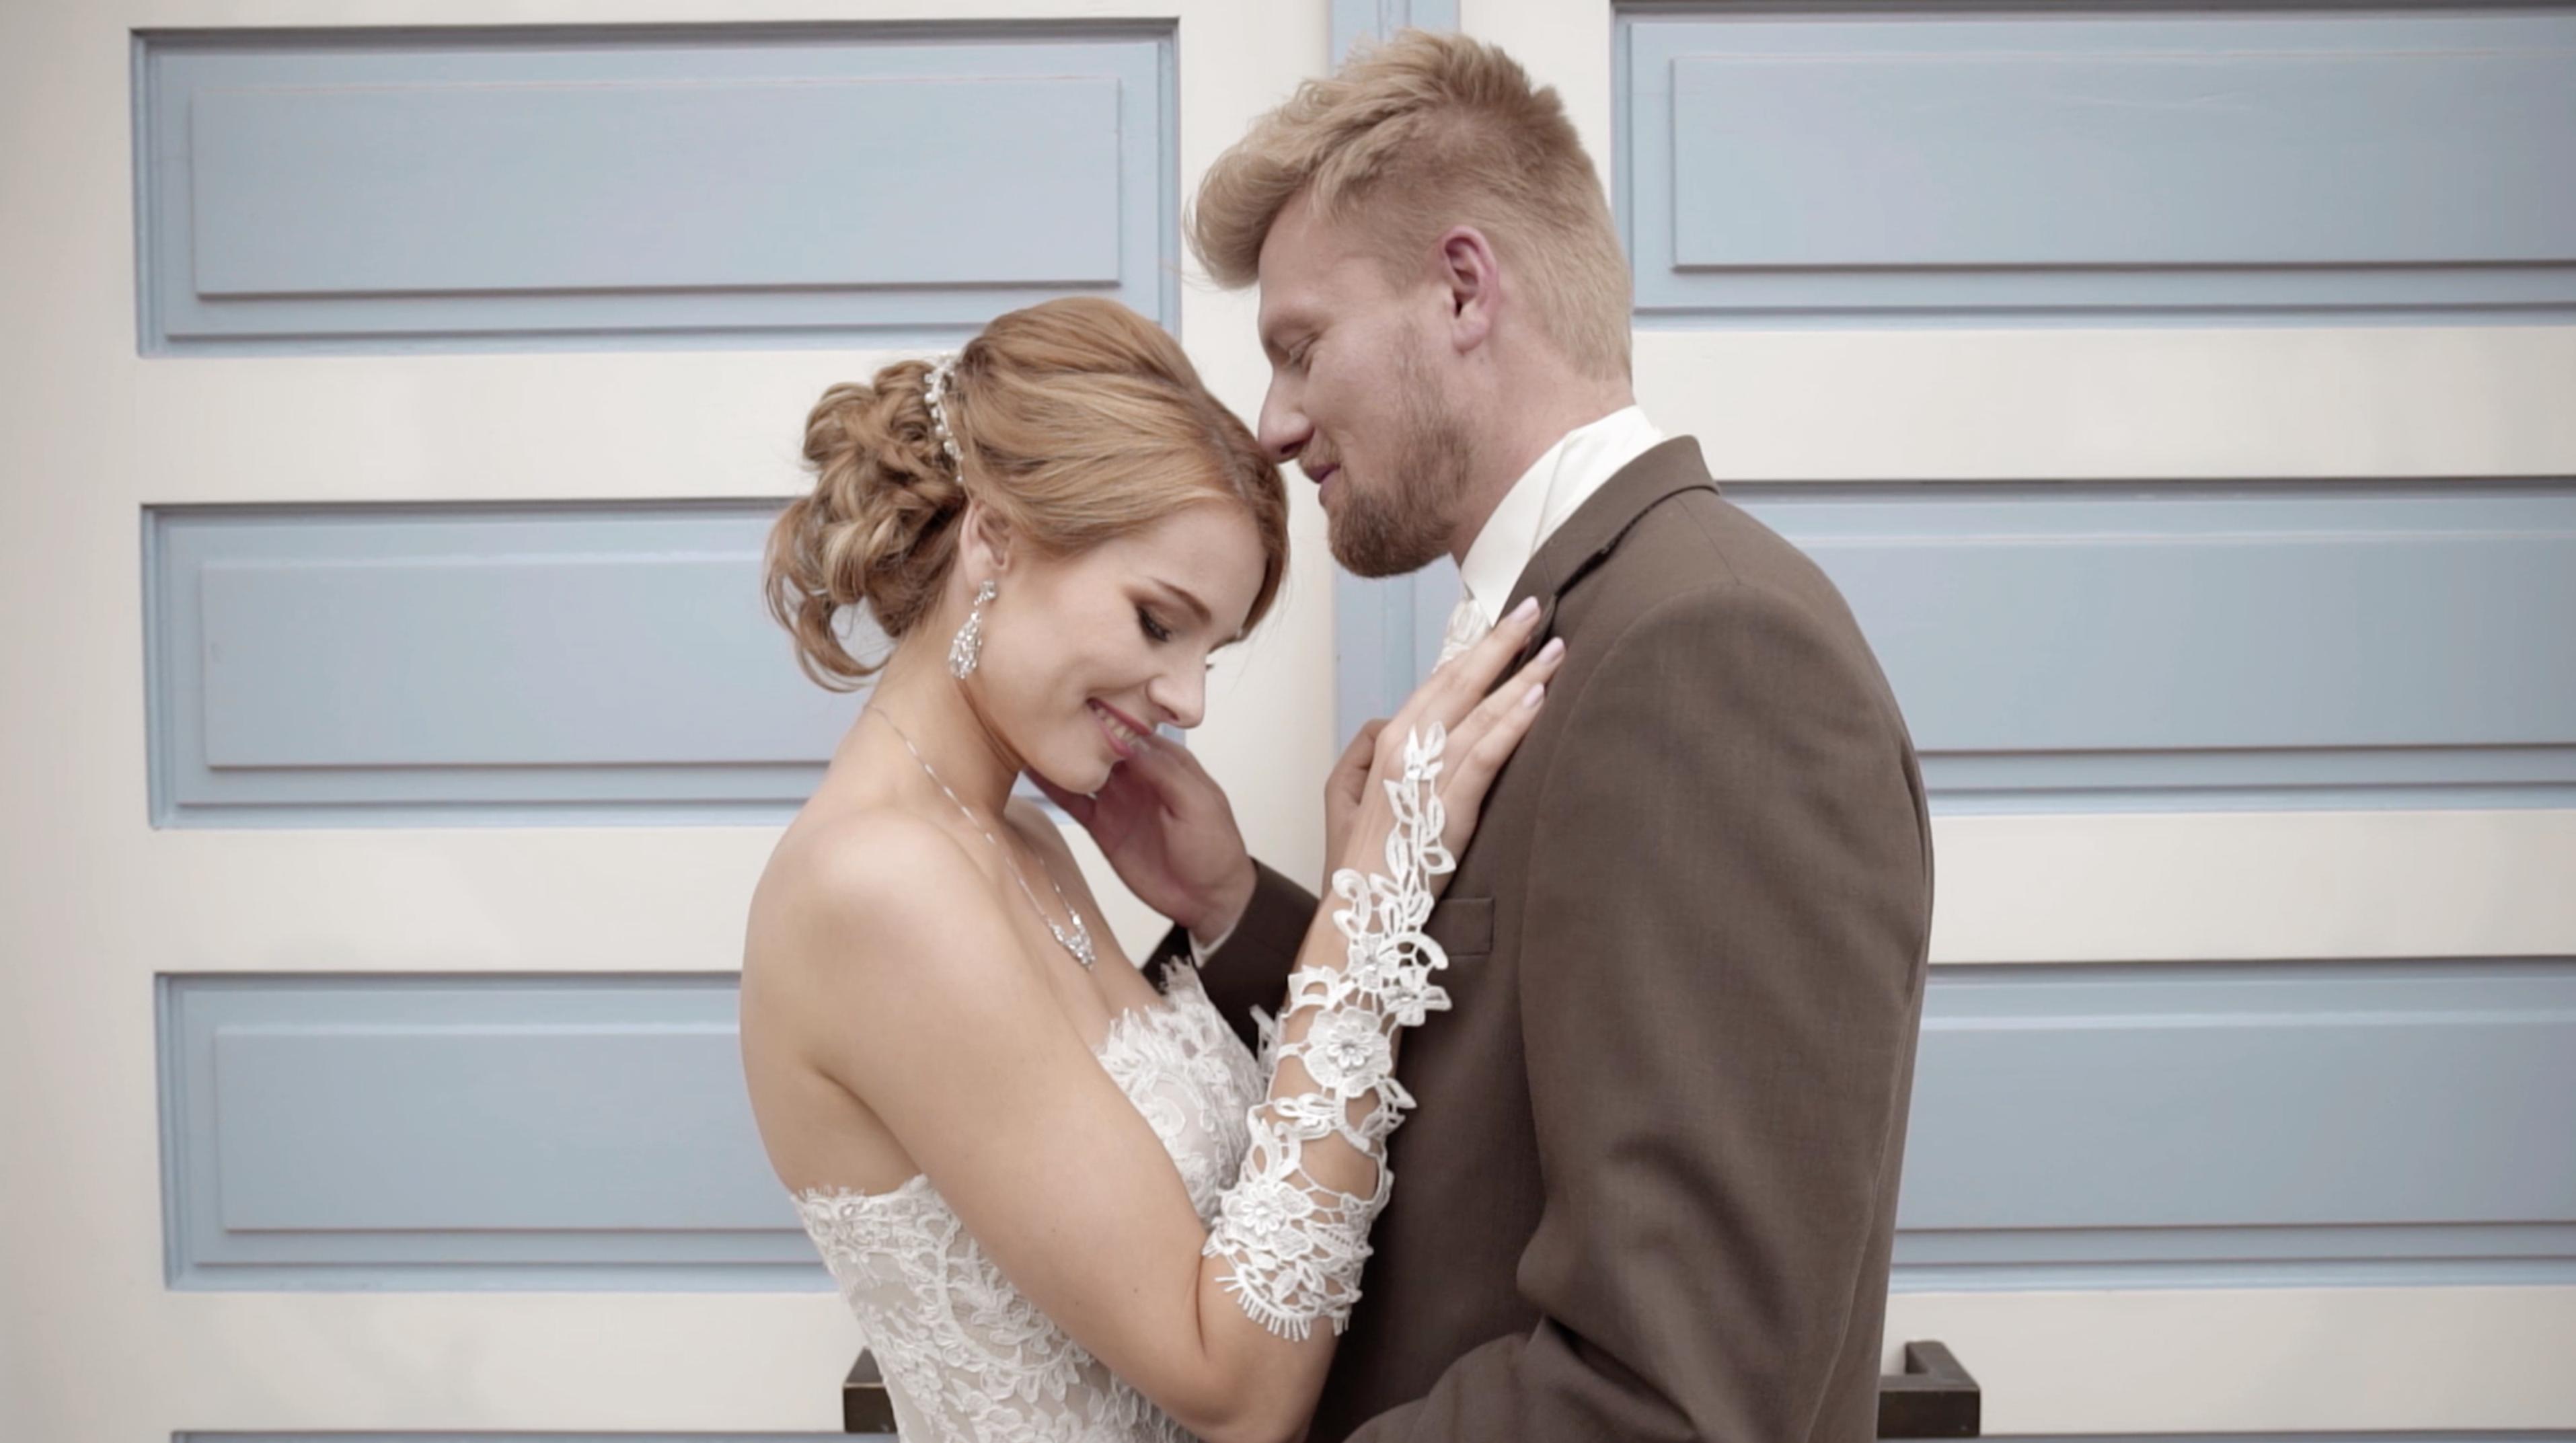 Das Ist Eins Der Ersten After Wedding Video Von Uns Immer Wieder Eine Schöne Sache